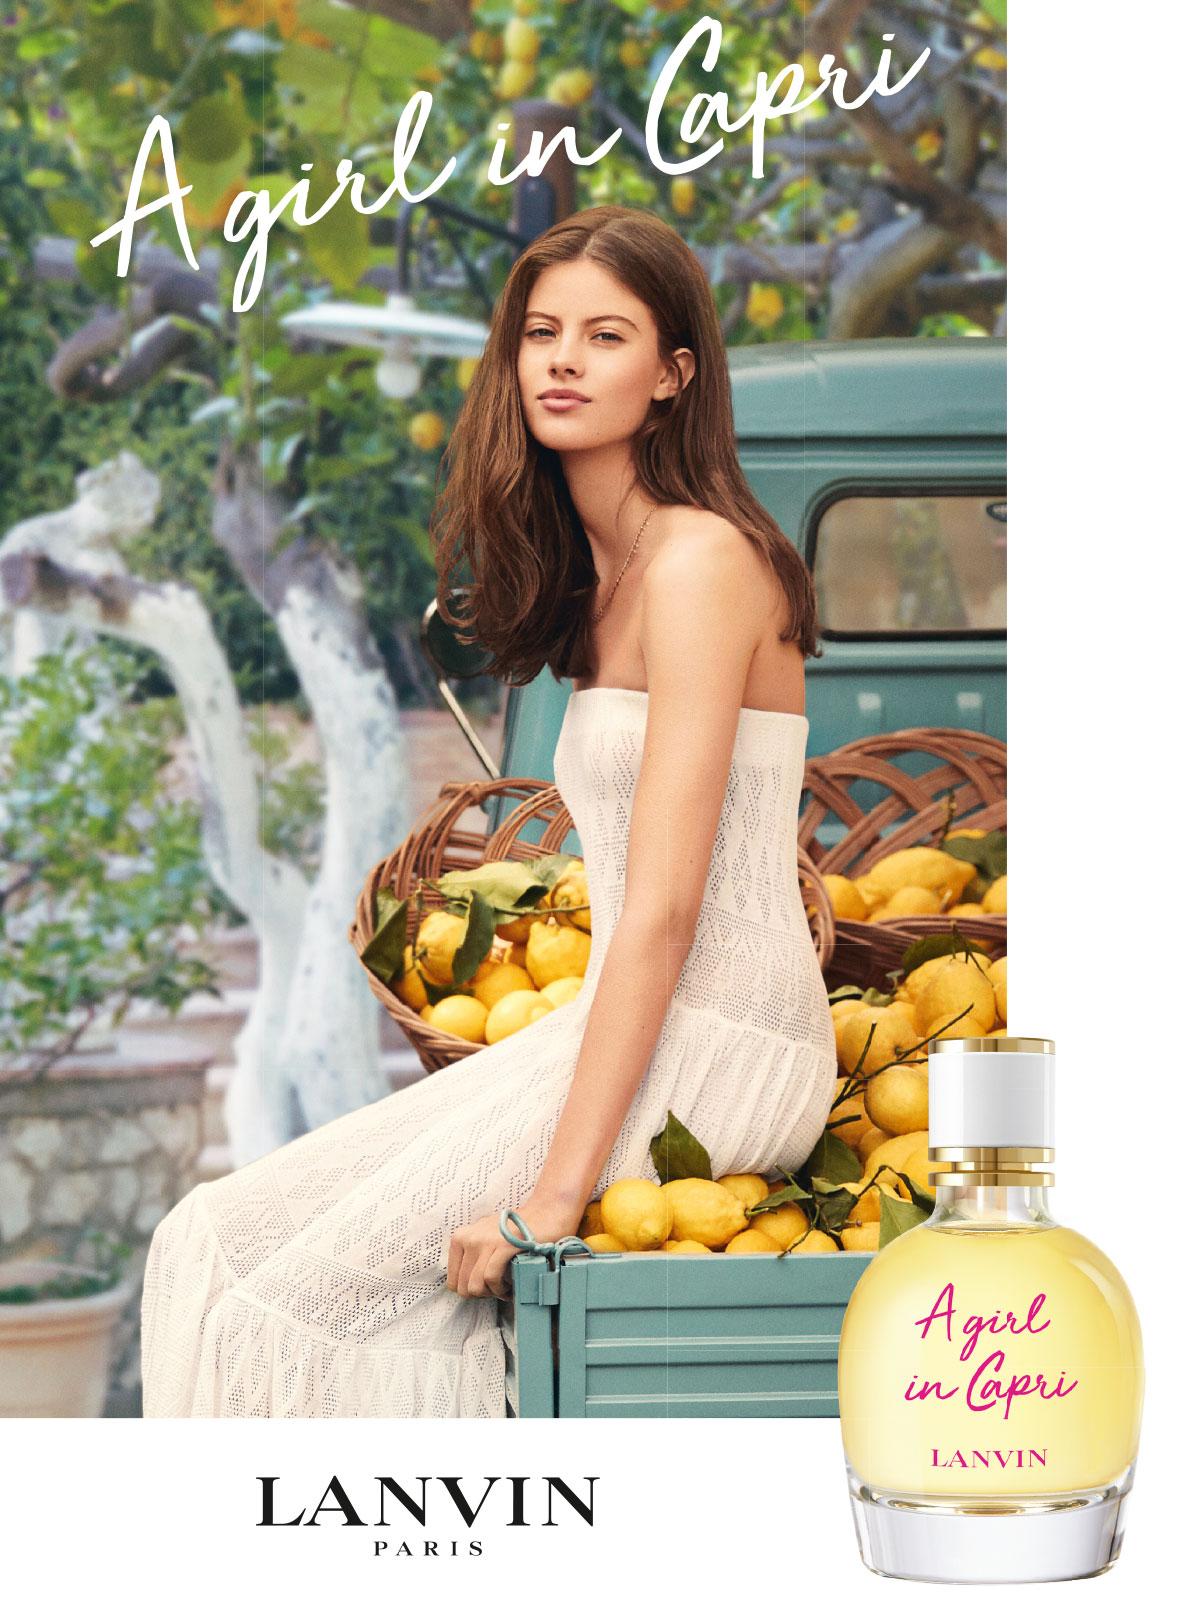 Ein Bild von einem Lanvin Parfum Visual